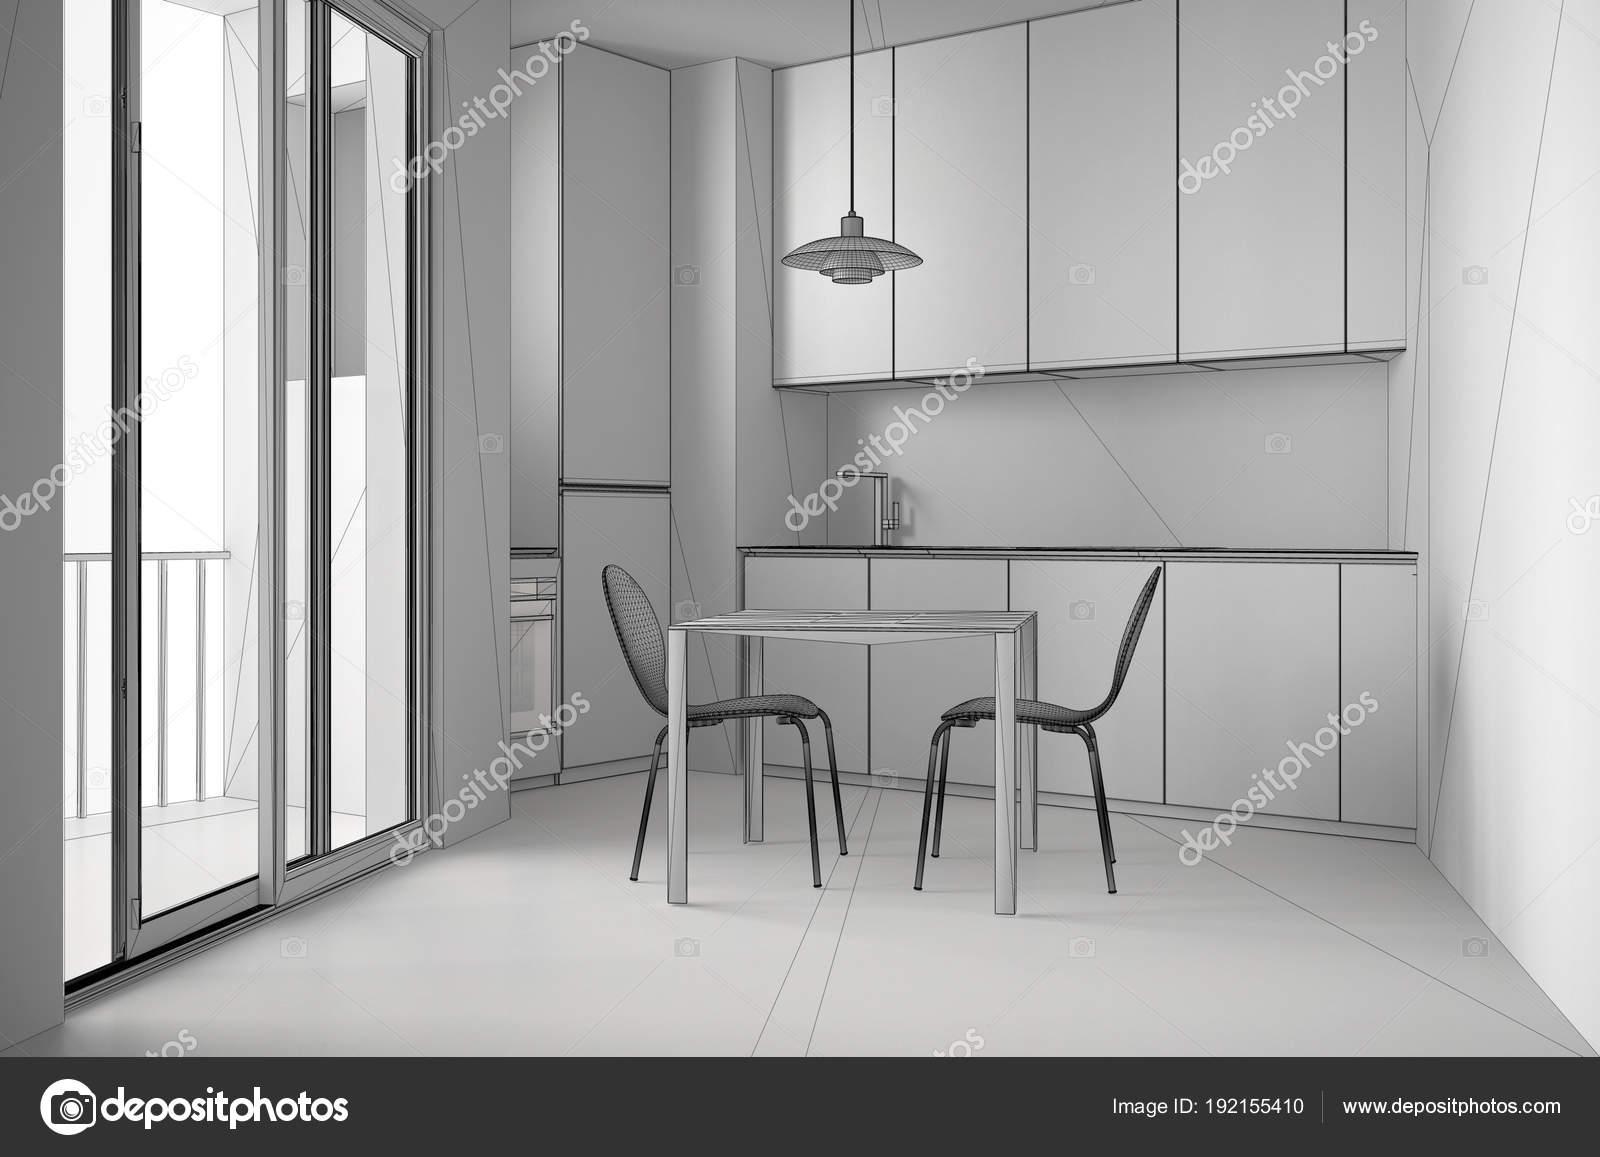 Tavoli Da Cucina Moderni : Progetto incompiuto di cucina minimalista moderno con grande